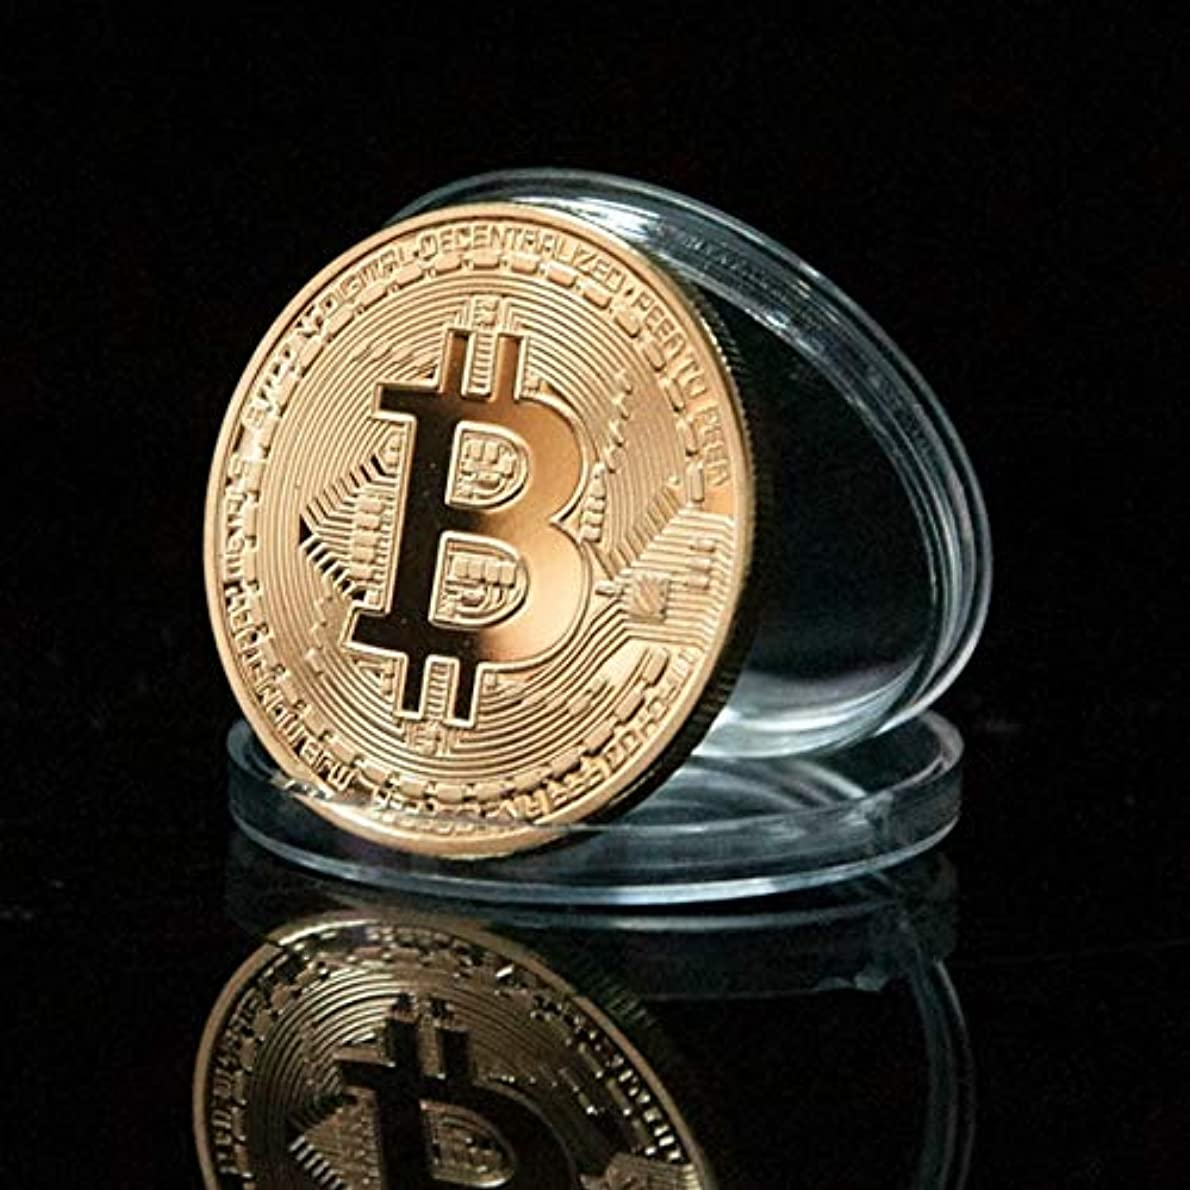 活力ガス起きろJicorzo - ゴールドメッキ物理Bitcoins - お土産新年のギフトのためのケースでは、各CasasciusビットコインBTCの1